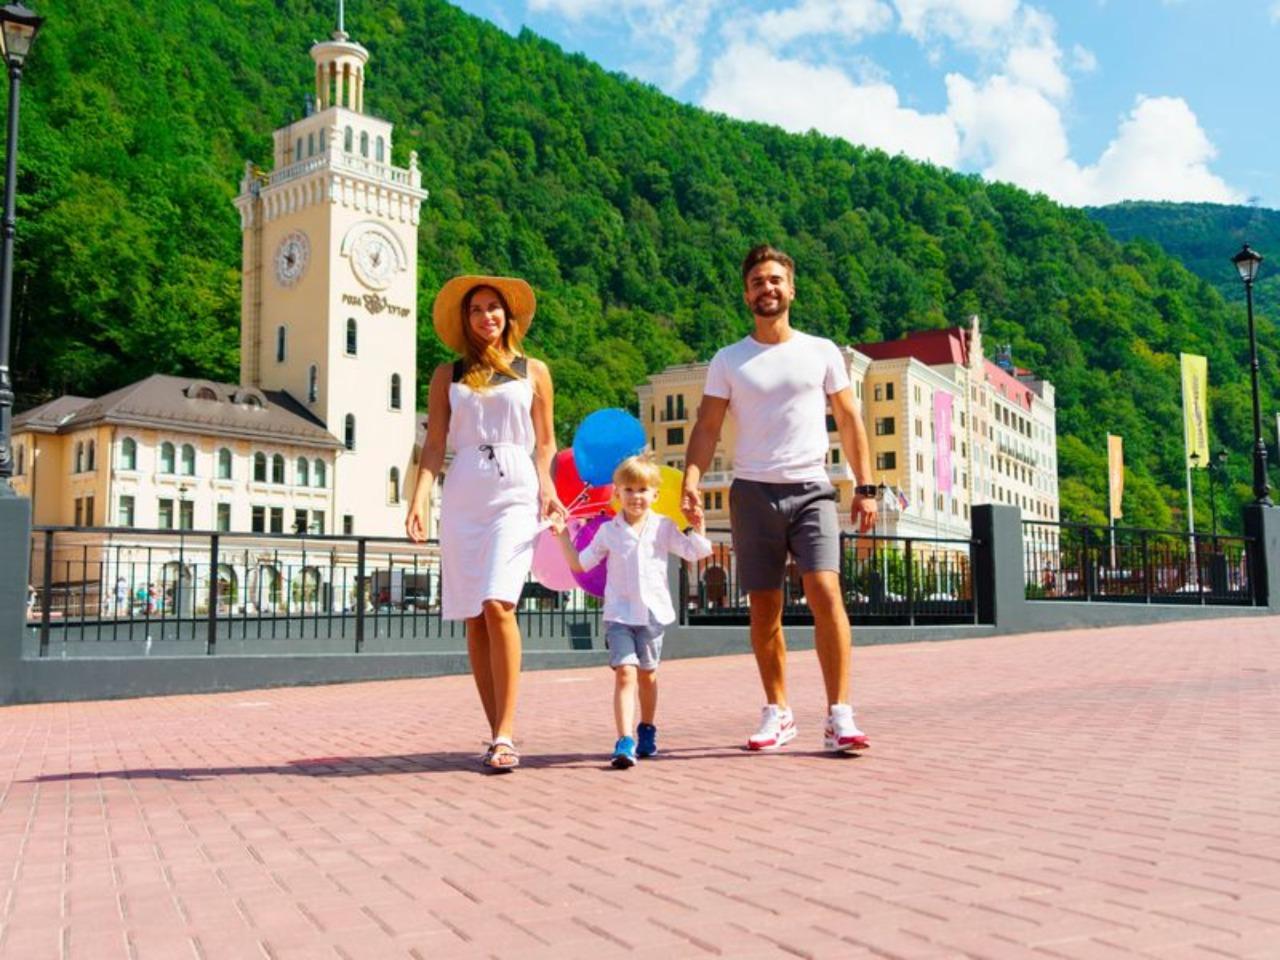 Мама и малыш. В Красную Поляну на выходные - индивидуальная экскурсия в Адлере от опытного гида